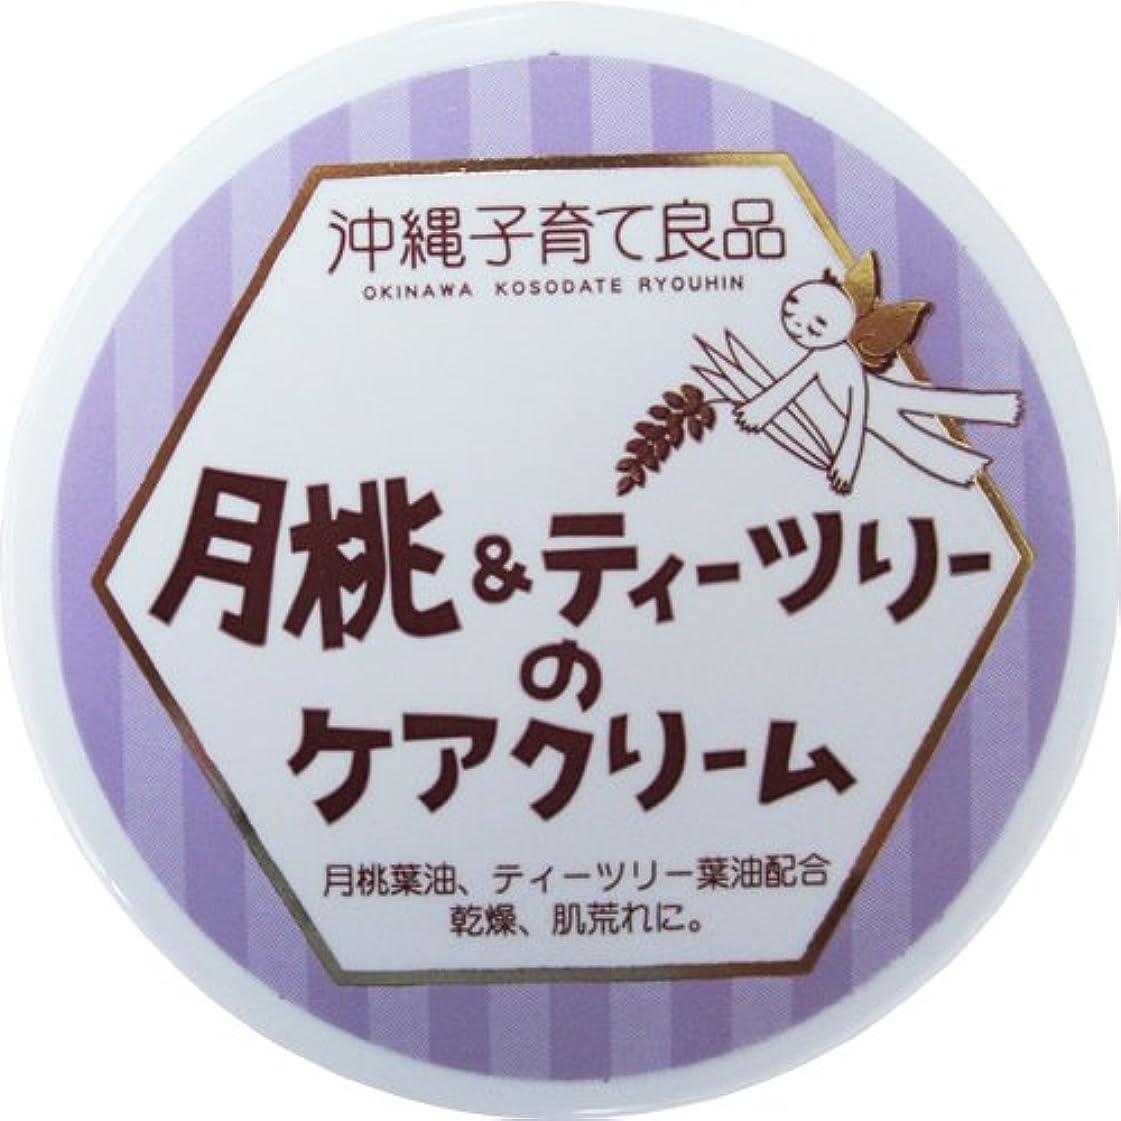 結婚式拡散する同一の沖縄子育て良品 月桃&ティツリーのケアクリーム (25g)